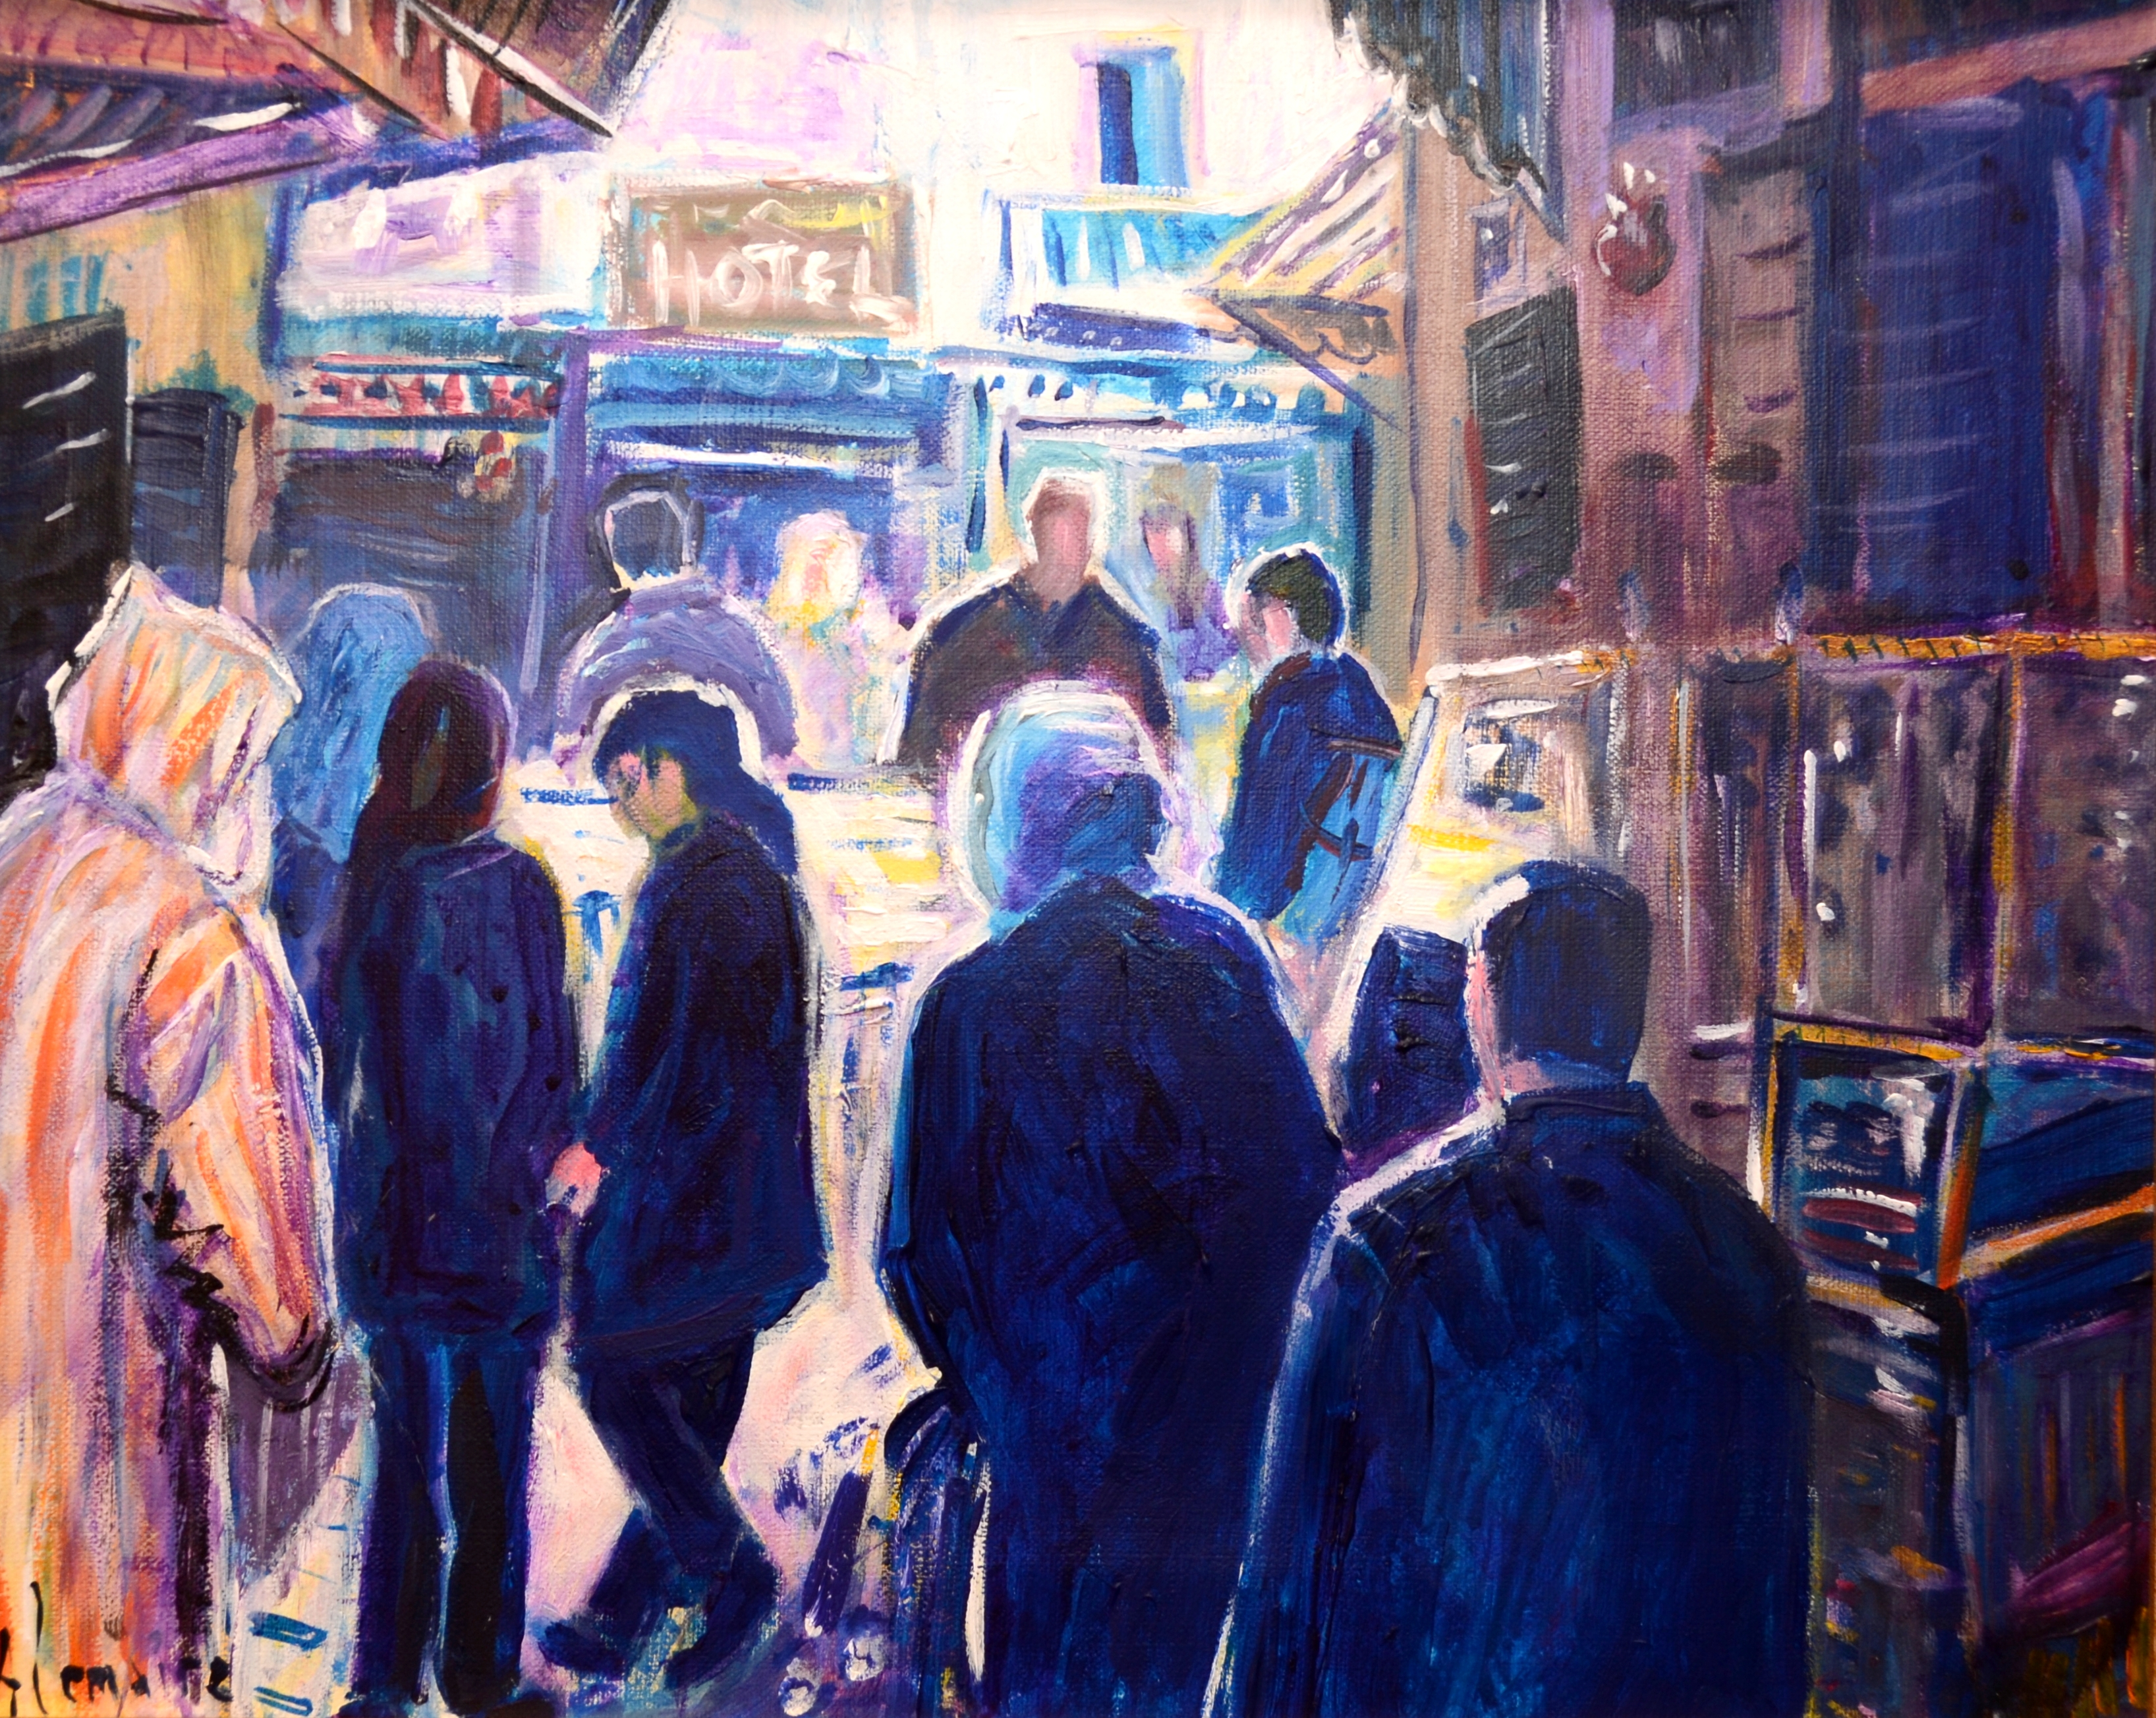 Rue aux boutiques (Fez)